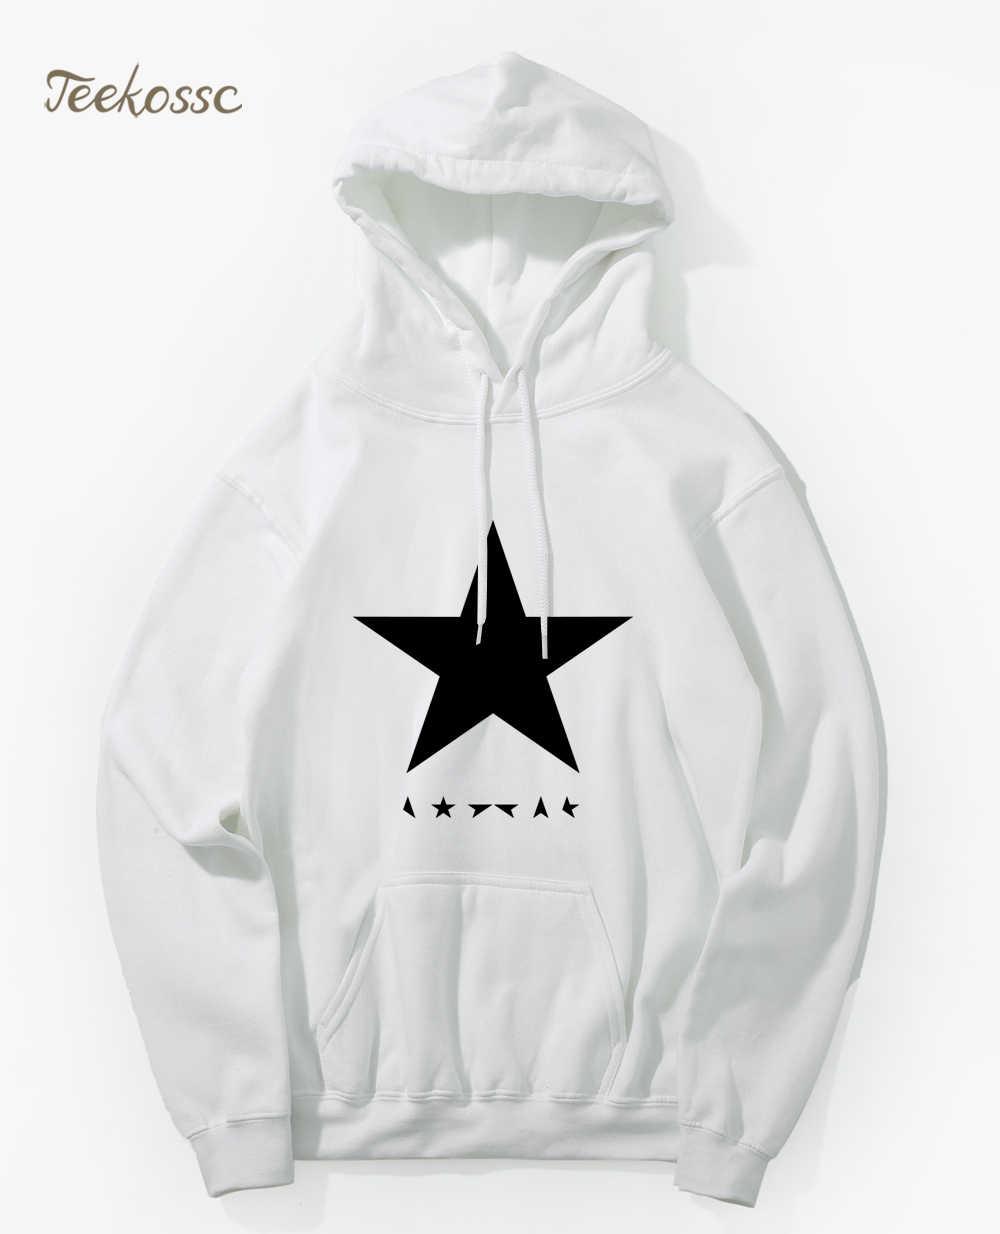 ديفيد باوي ، ملصقات ابطال النجوم السوداء ، سترات مع قلنسوة للرجال 2018 خريف وشتاء جديد ، بقلنسوة ، ونجمة بيضاء مطبوعة ، Hombre